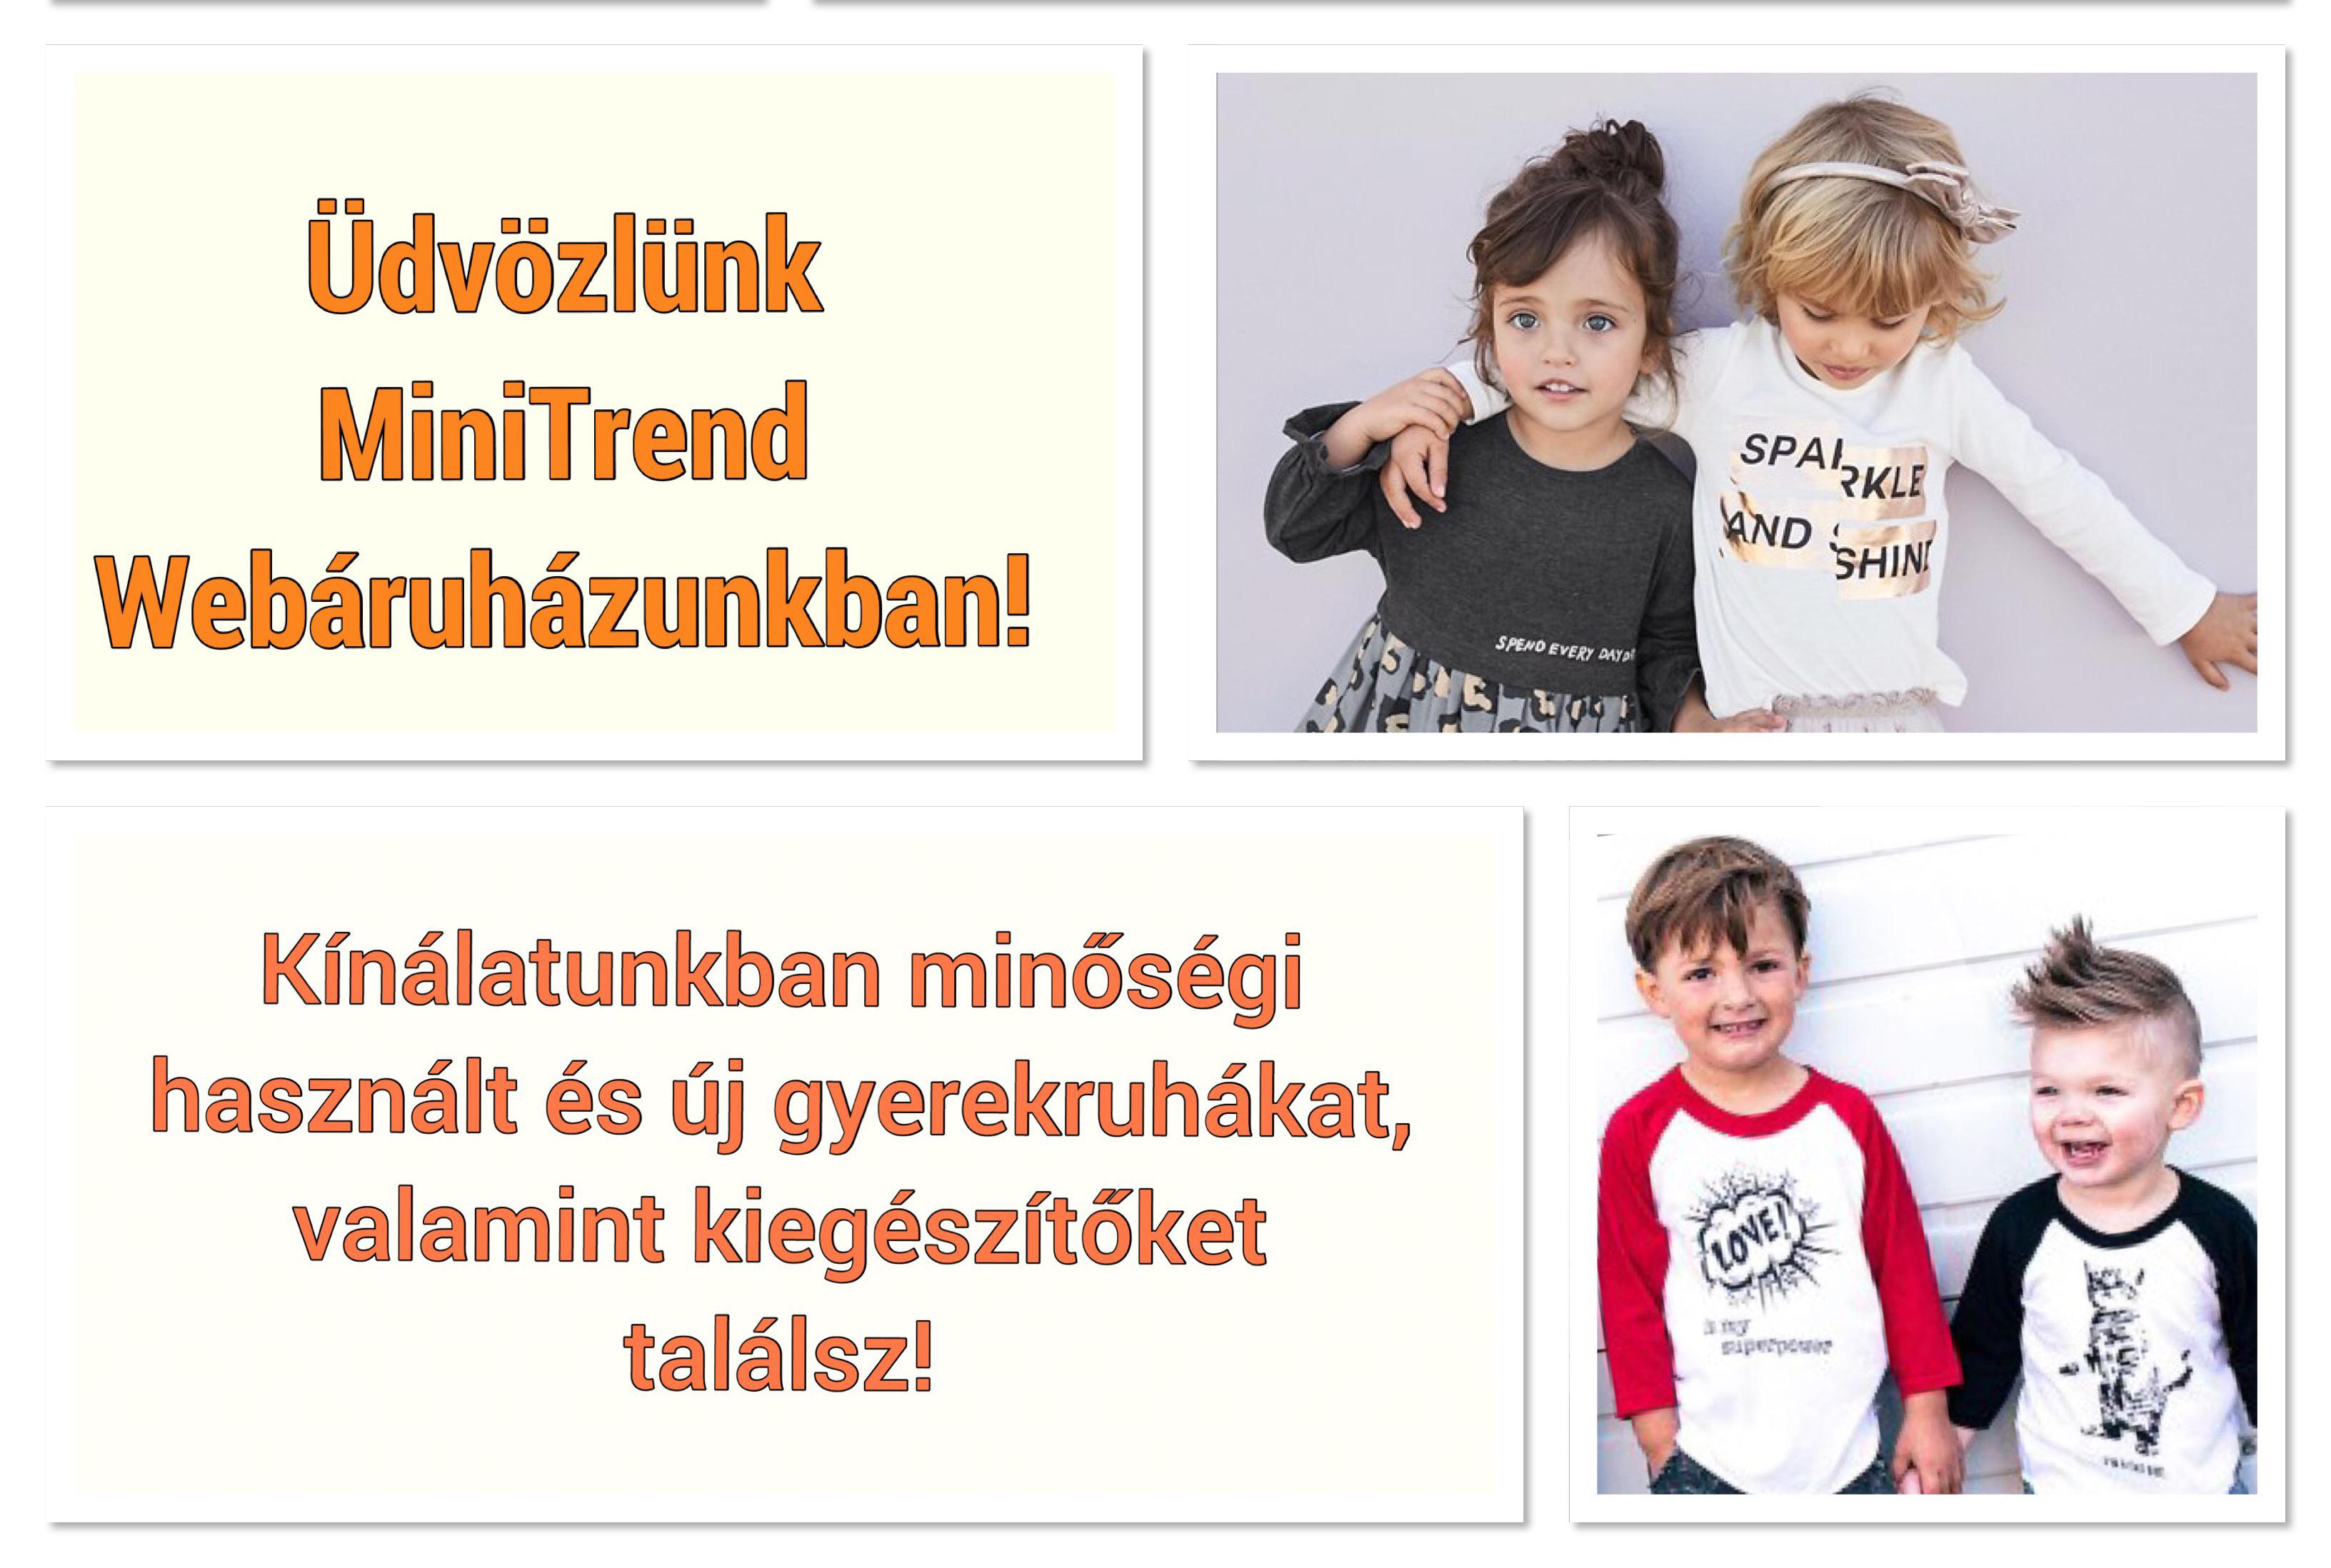 3a9178f286 MiniTrend - Minőségi használt és új gyerekruha Webáruház, Babaruha Webáruház